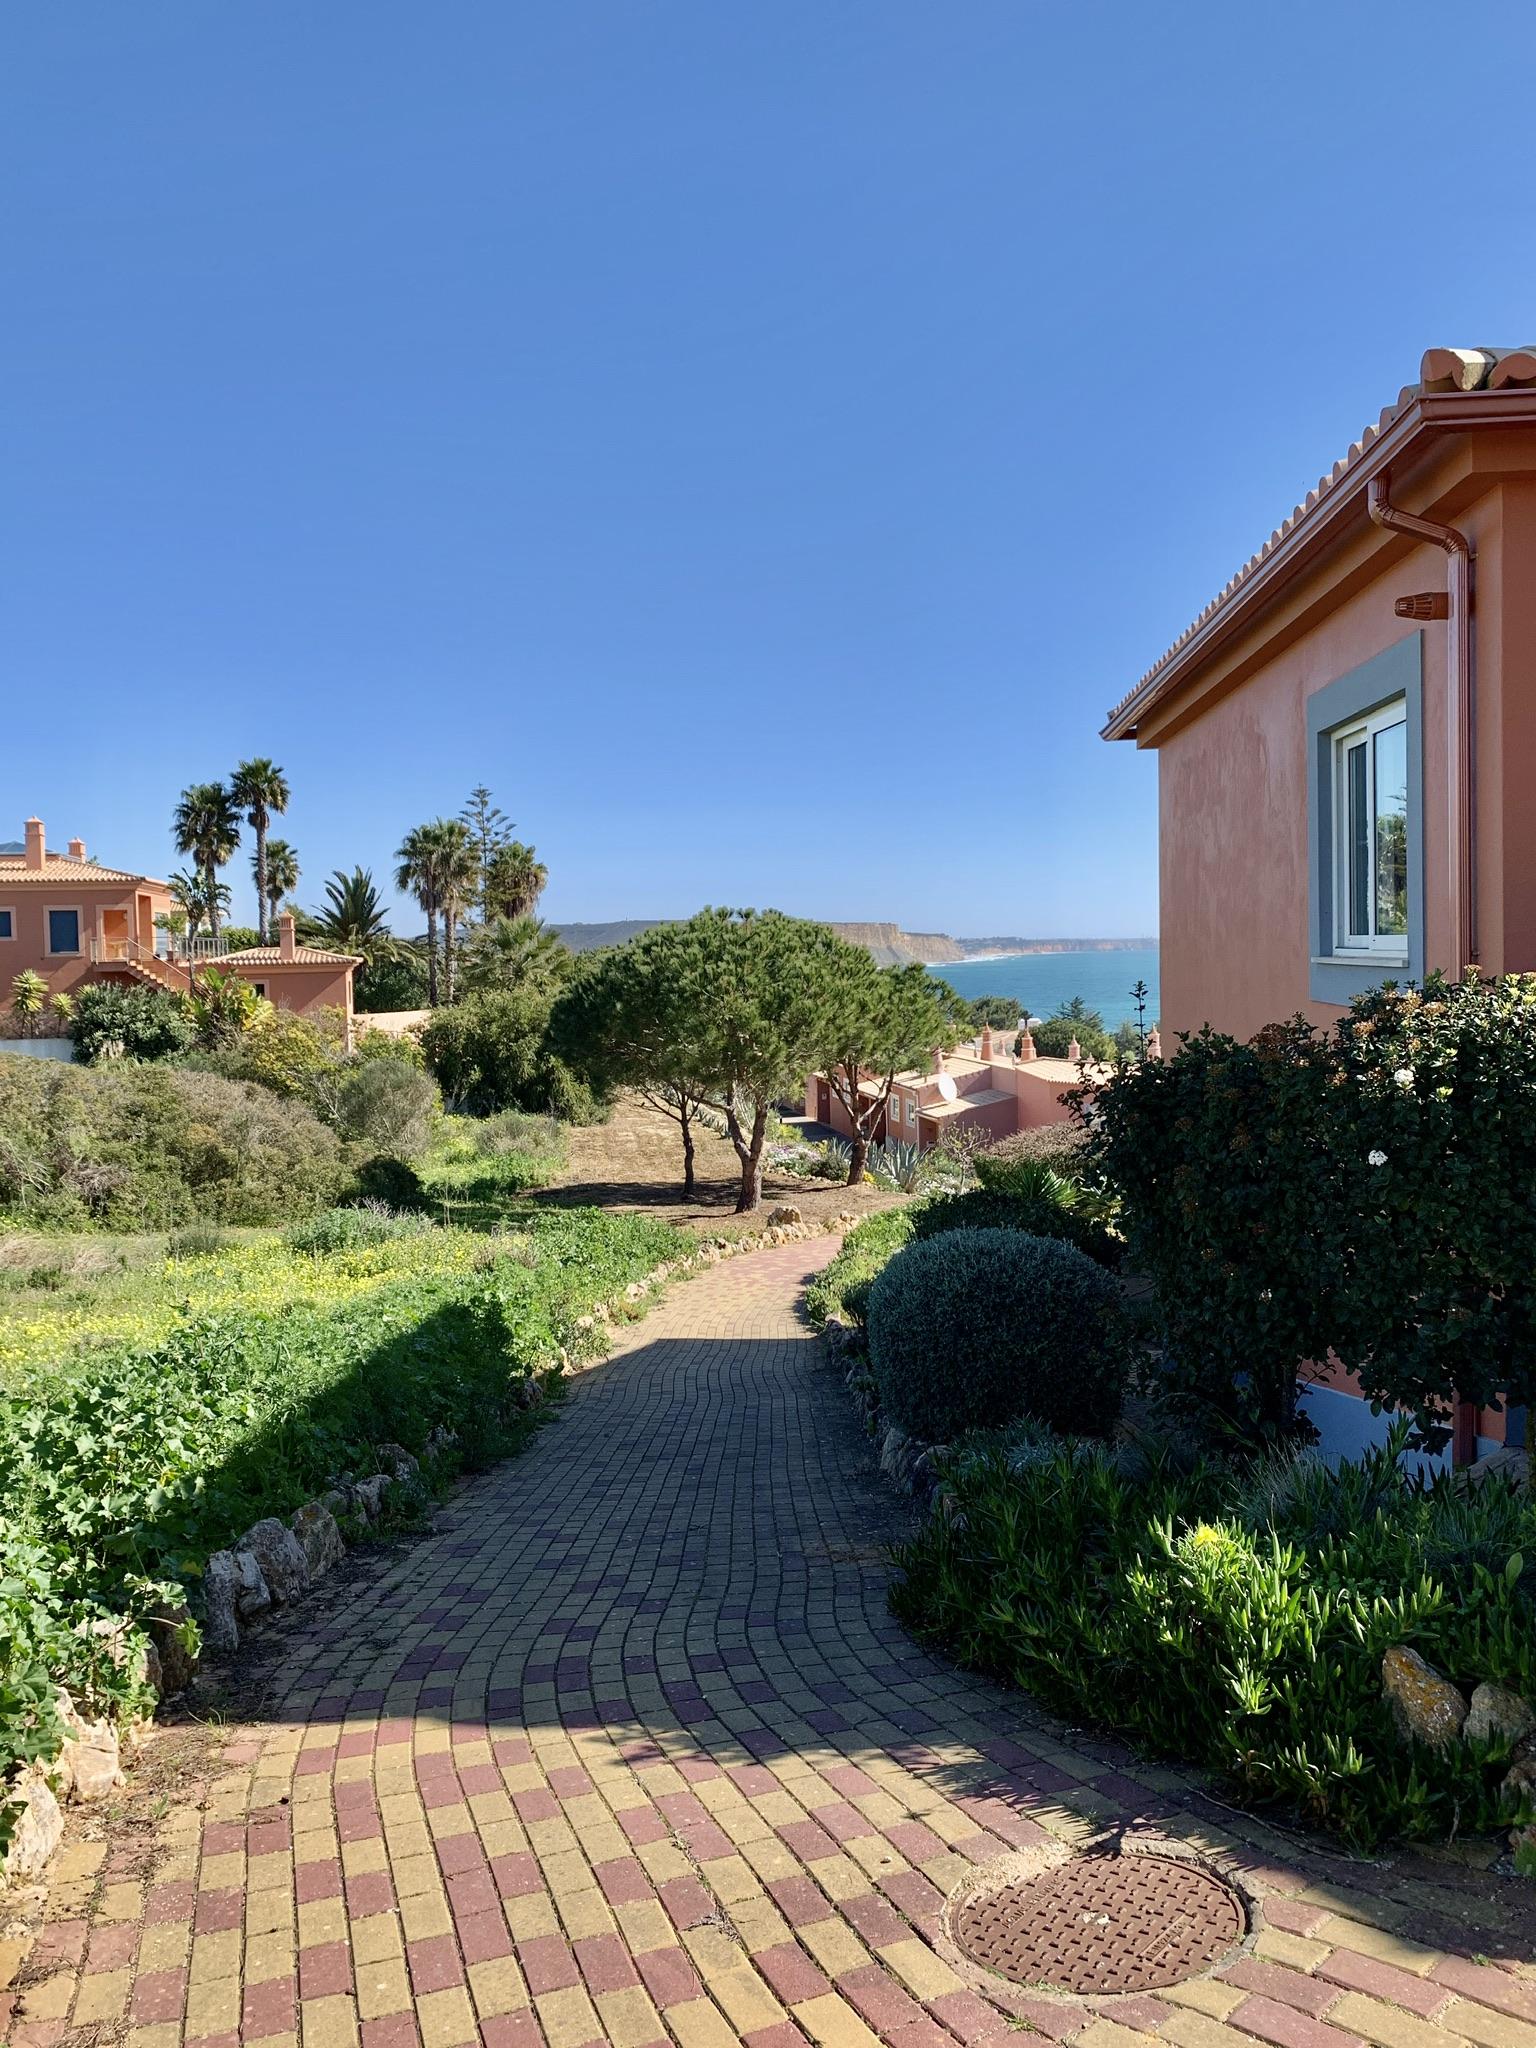 Location appartements et villas de vacance, Maison de vacances praia da Luz face à la mer à Lagos, Portugal Algarve, REF_IMG_2627_17928